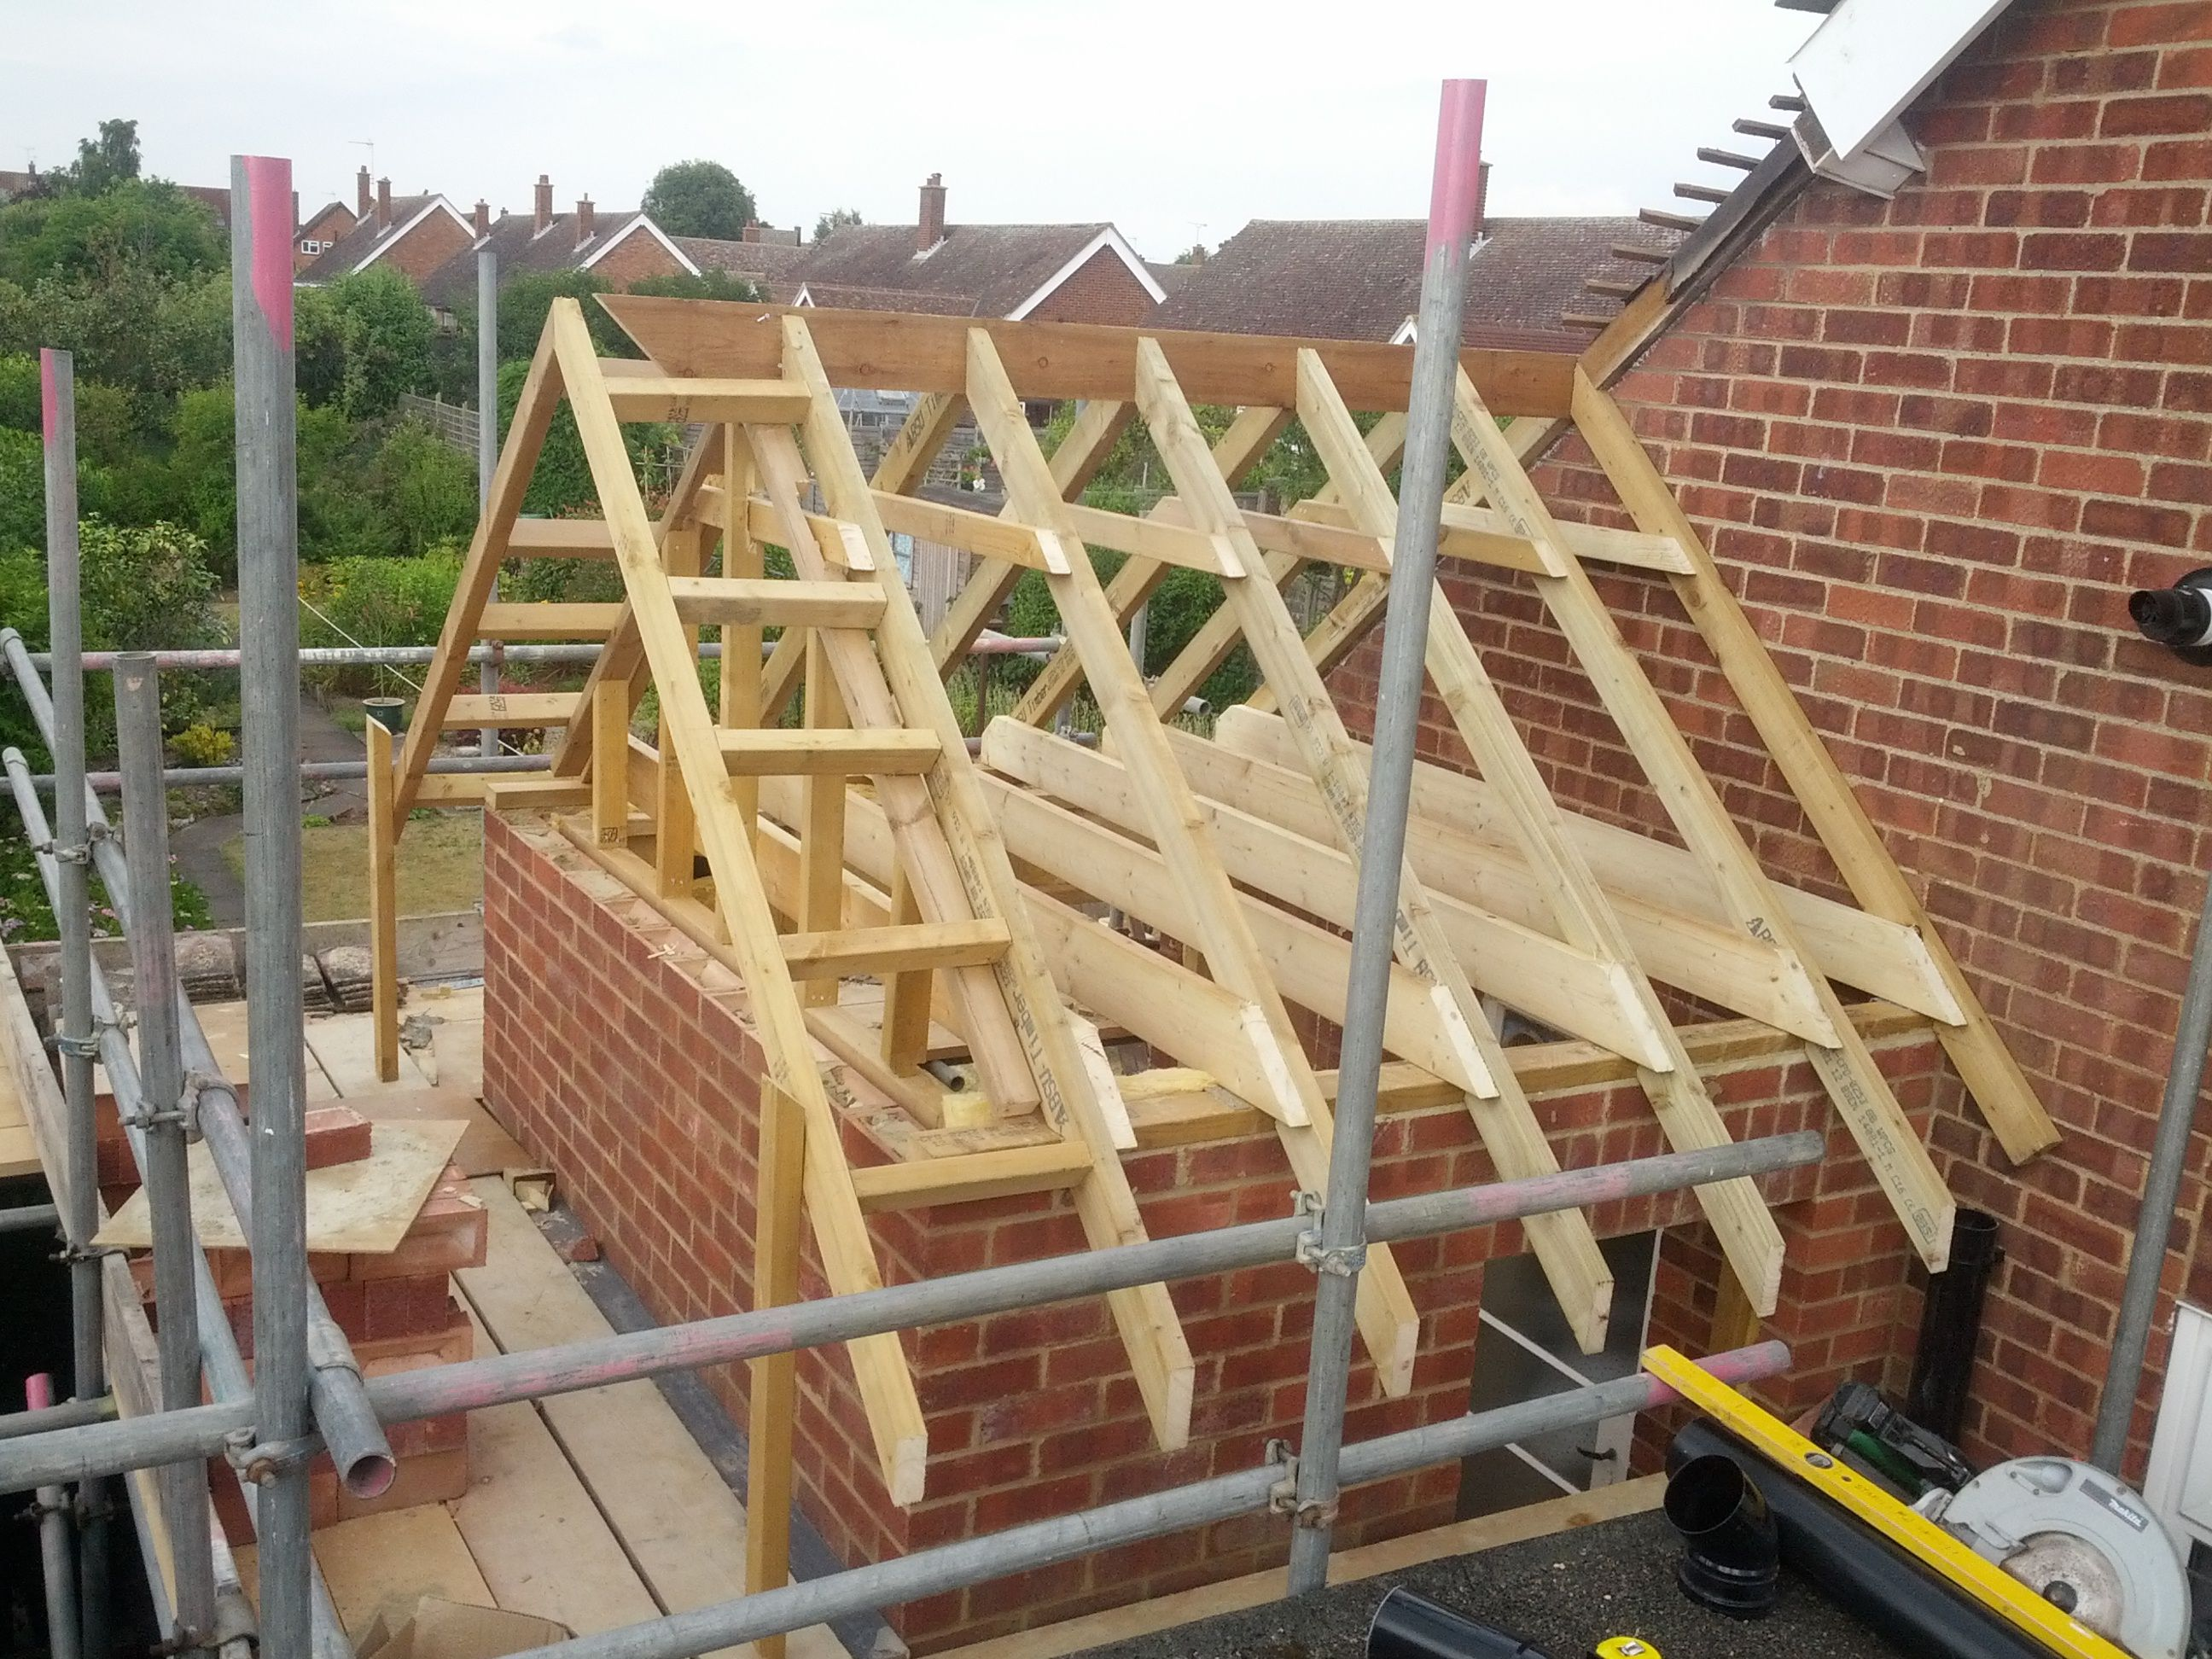 Complete loft conversions Complete loft conversions Ipswich